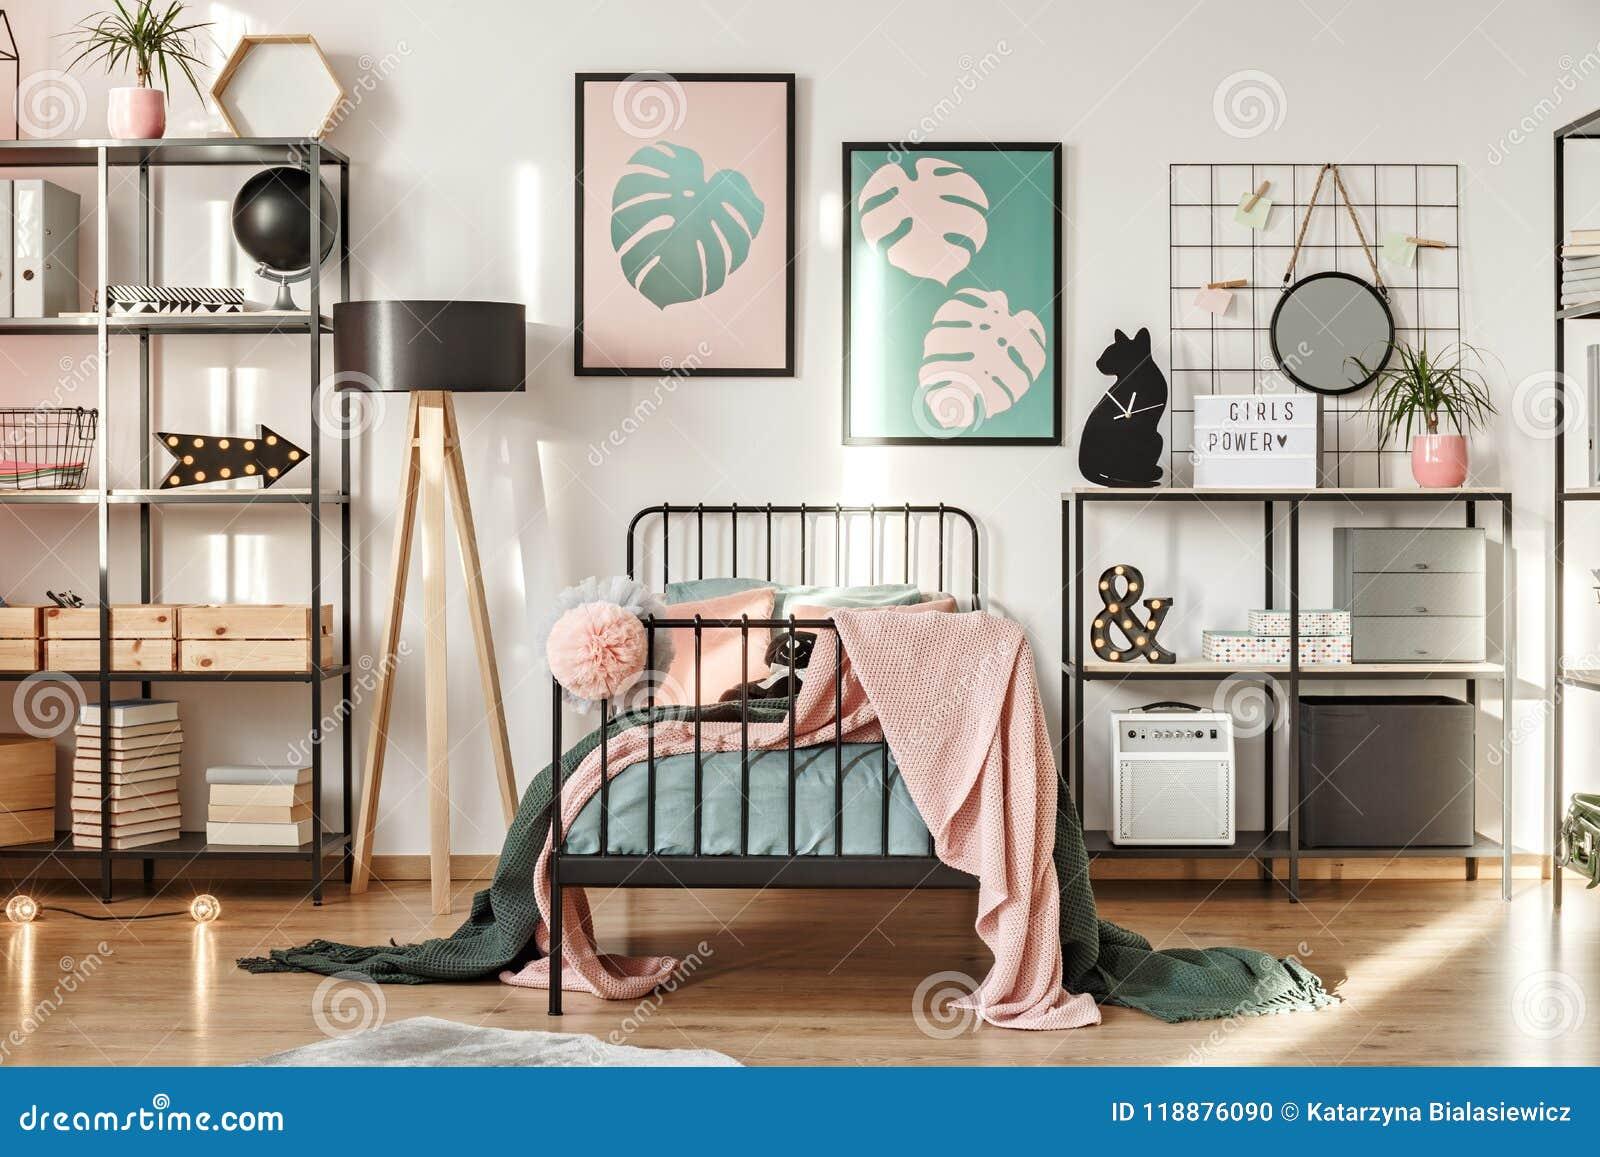 Decorazioni Camera Da Letto Ragazza : Scaffali nella camera da letto della ragazza fotografia stock